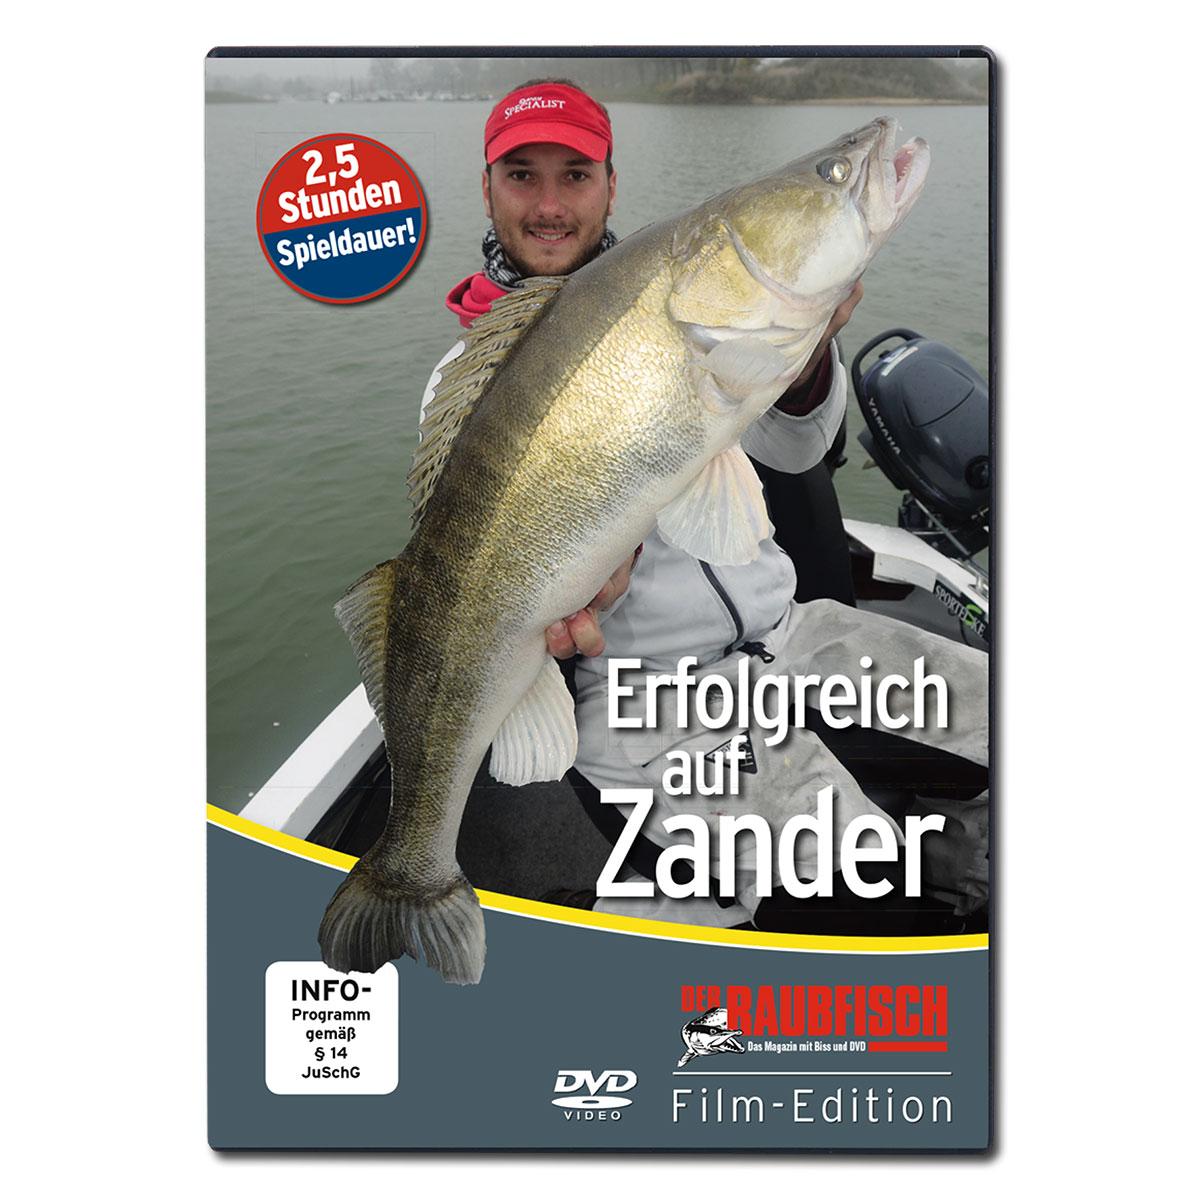 Erfolgreich auf Zander - Der Raubfisch Film-Edition (DVD) im Pareyshop